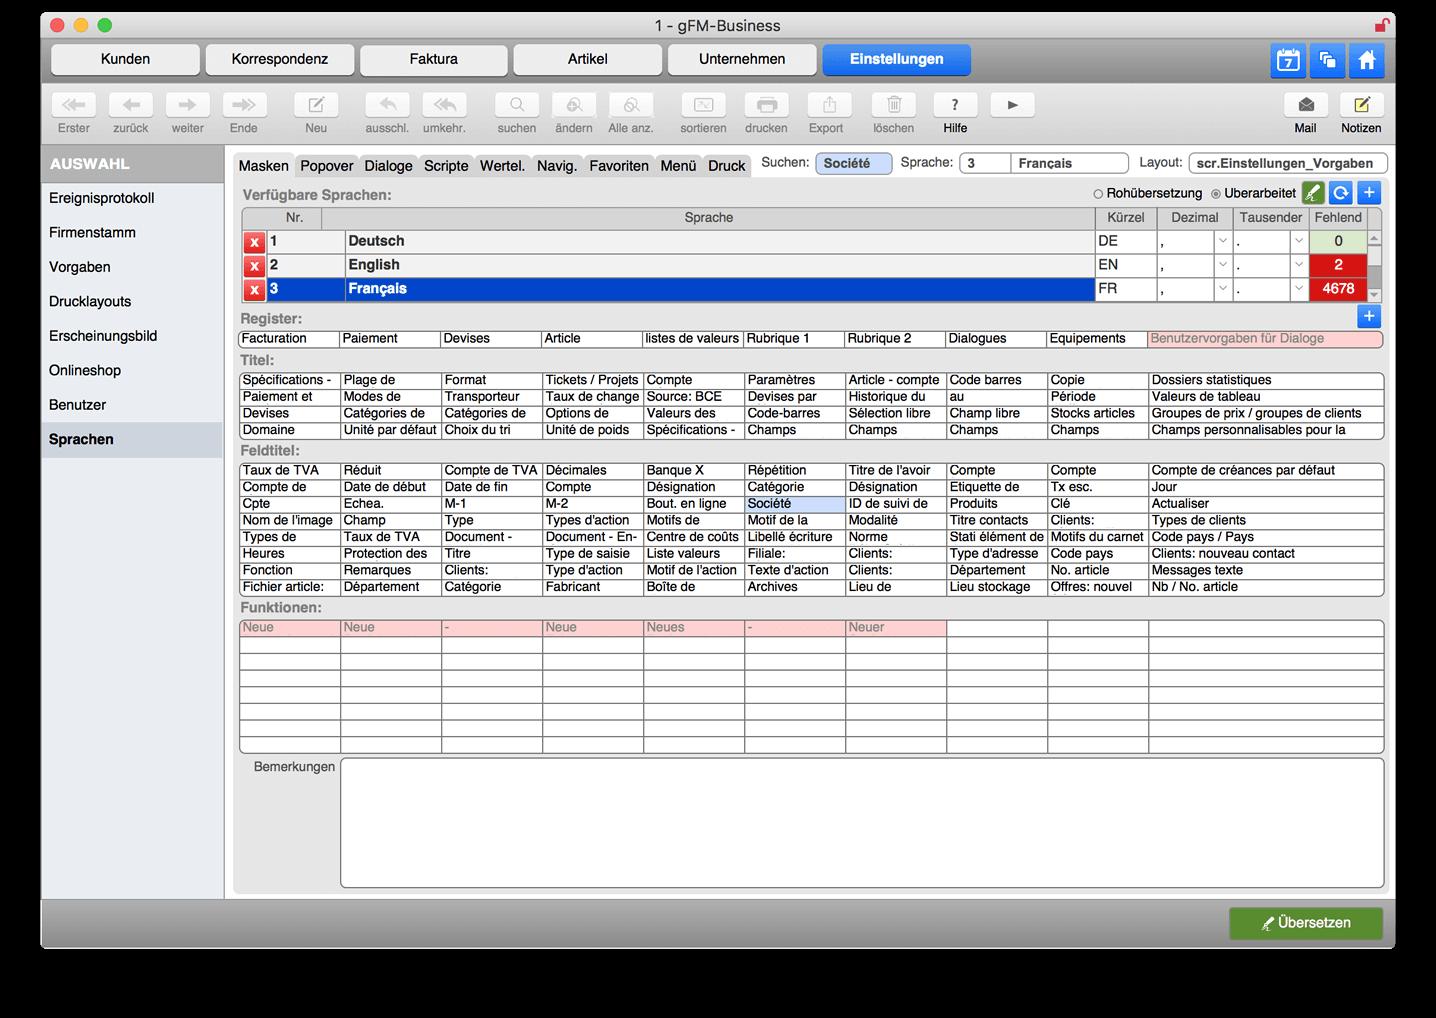 Sprachmodul in der gFM-Business ERP-Software